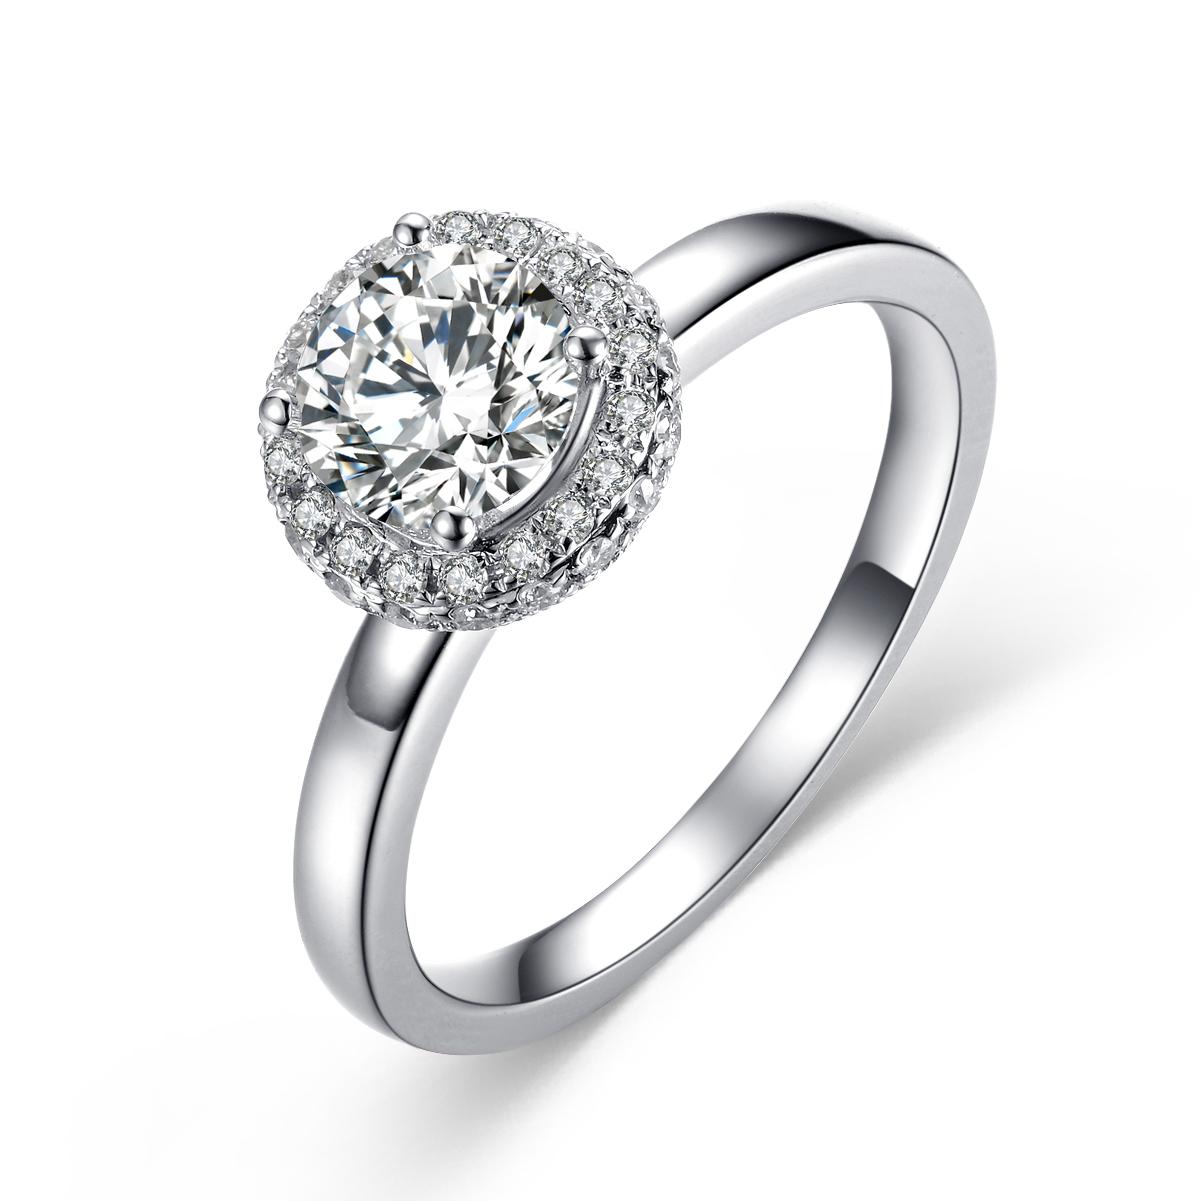 钻石切工对钻石的影响有多大